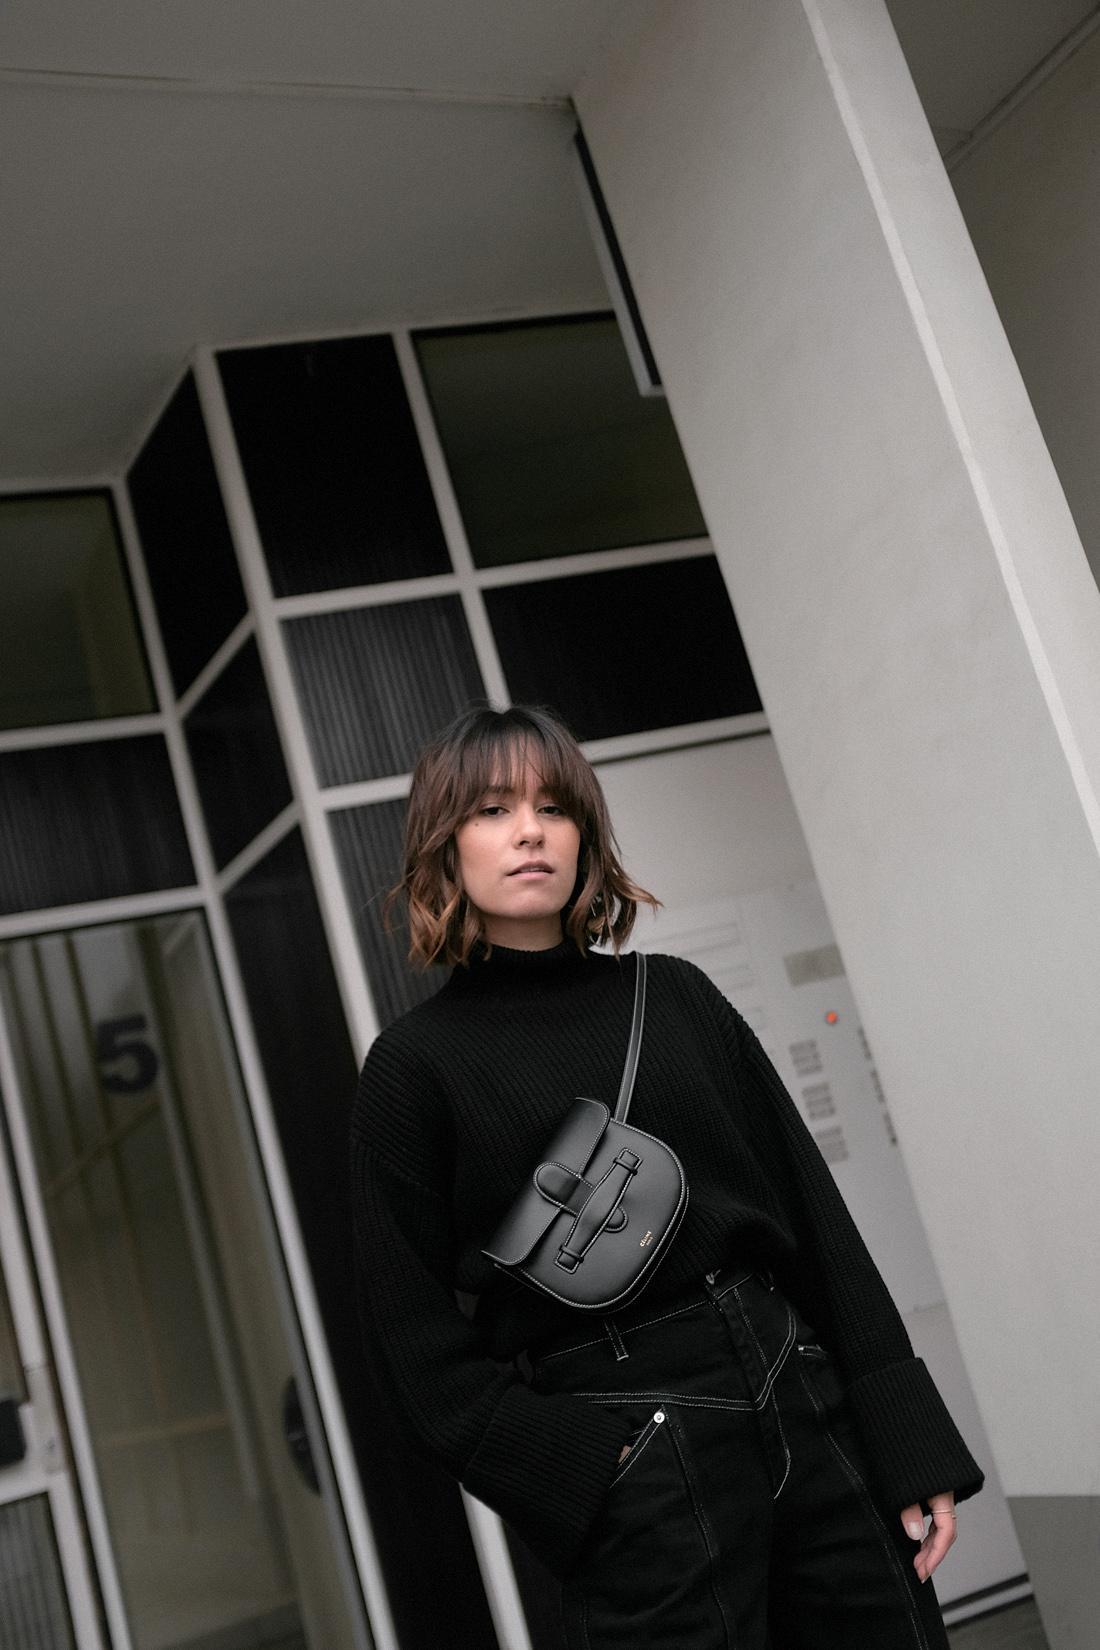 Nisi is wearing: Isabel Marant jeans, Céline Mini Symmetrical Bag, Céline Madame boots, Black turtleneck knit